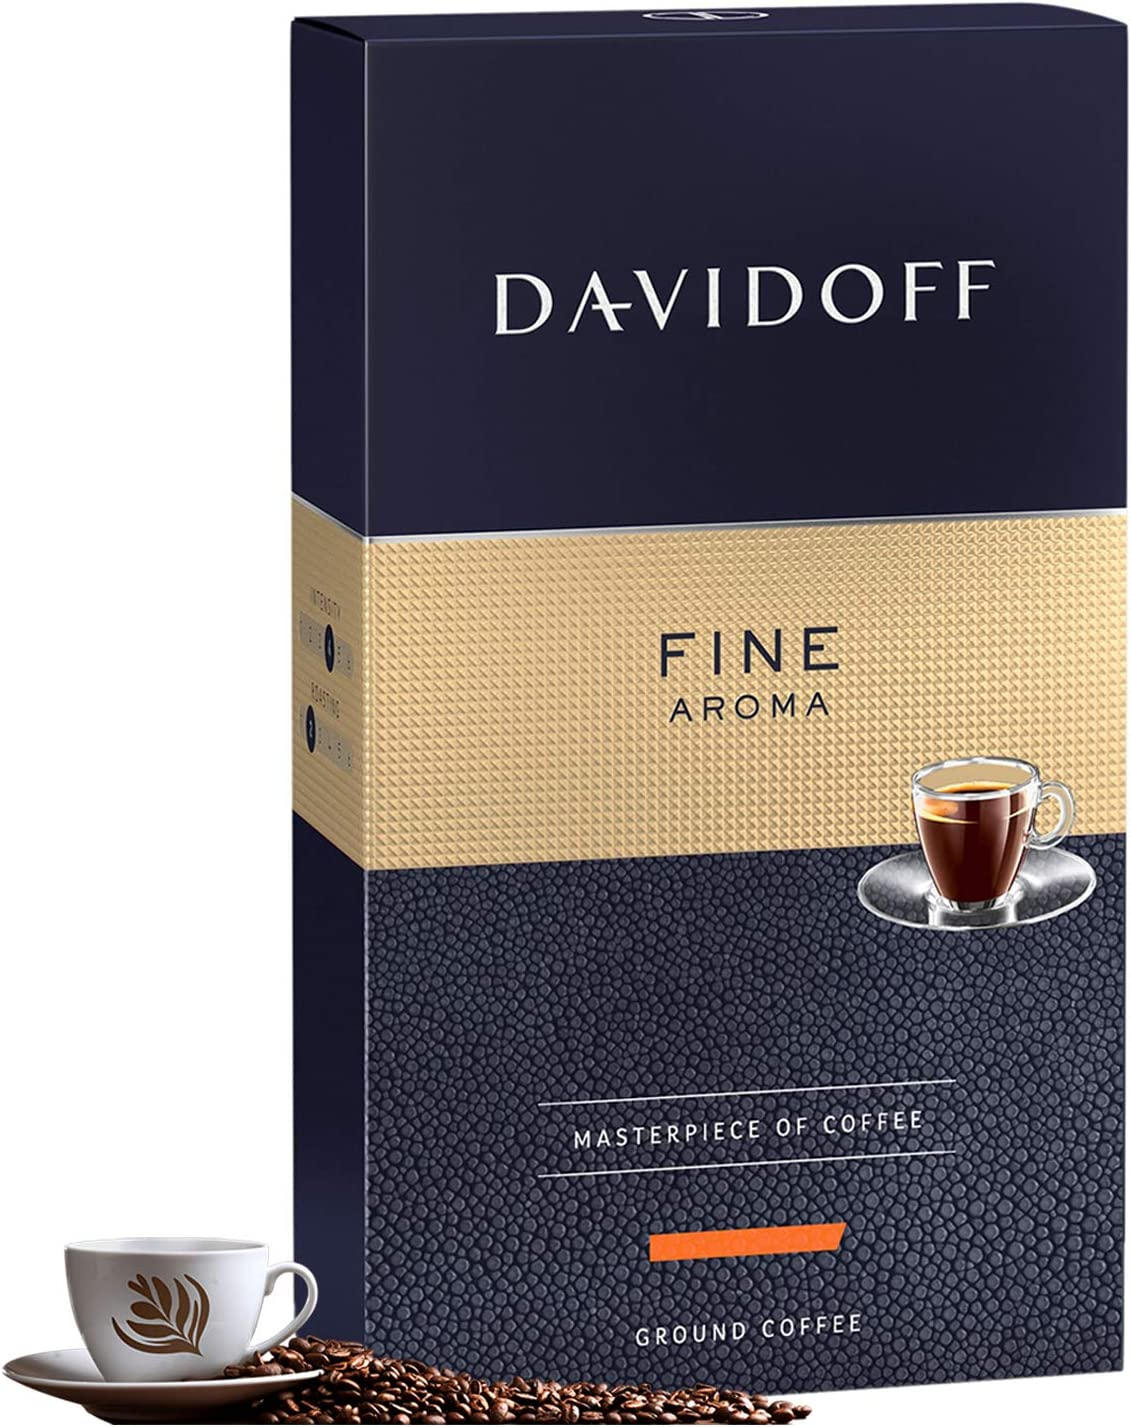 سعر دافيدوف كافيه جراندي كوفي قهوة فاين اروما 250 G فى الامارات بواسطة امازون الامارات كان بكام